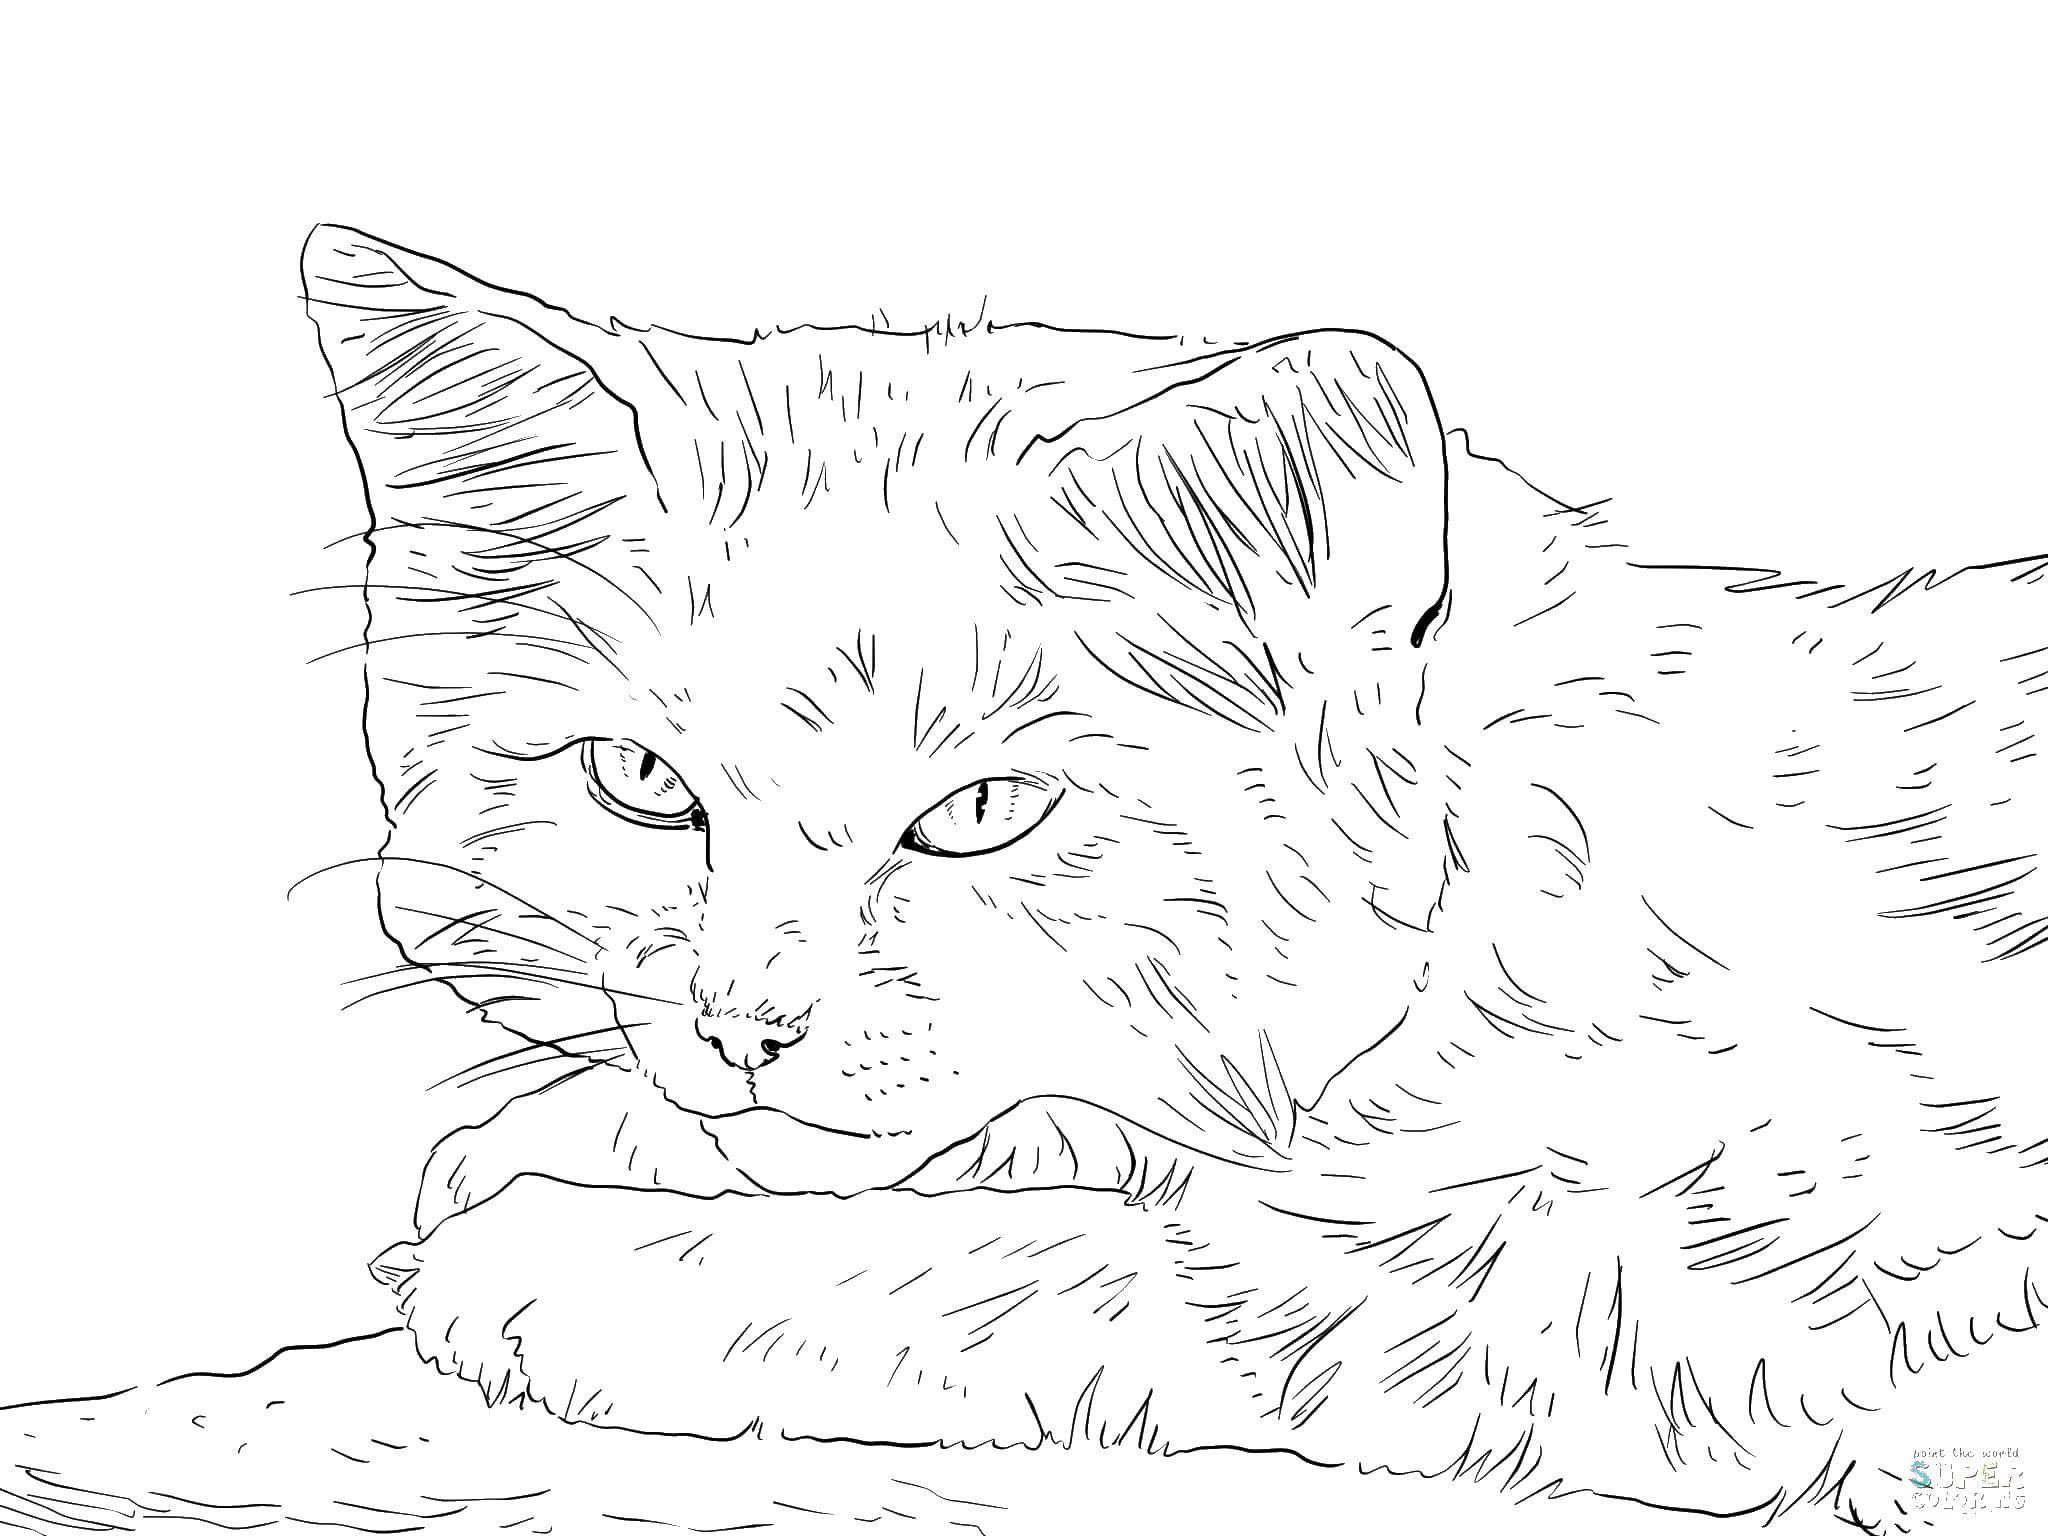 быстро надежно реалистичные коты раскраска булычев пишет очень